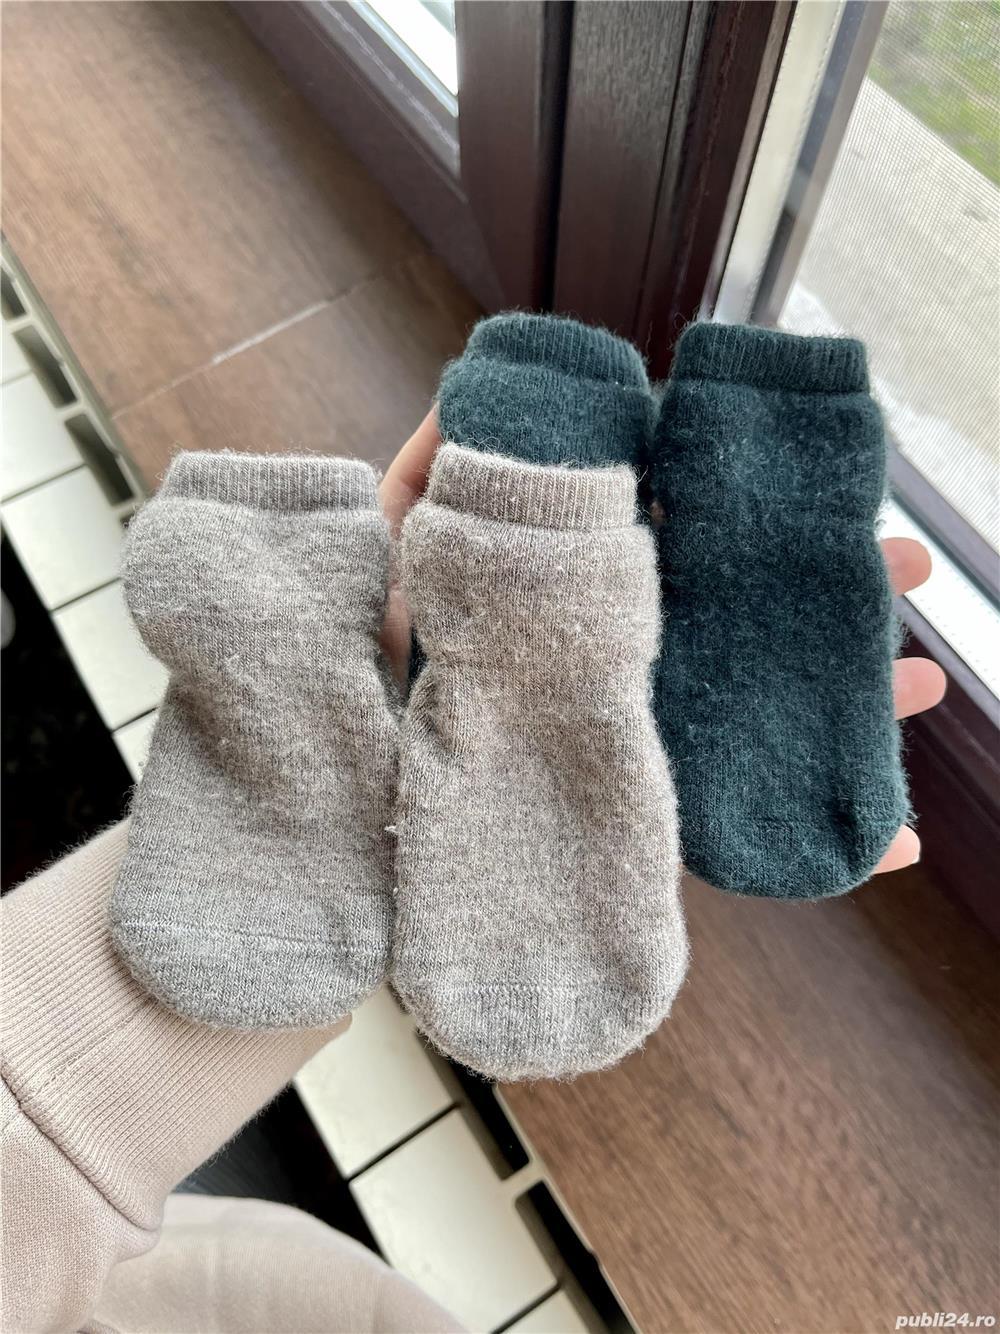 Șosete-papuci groase mp Denmark lână merinos